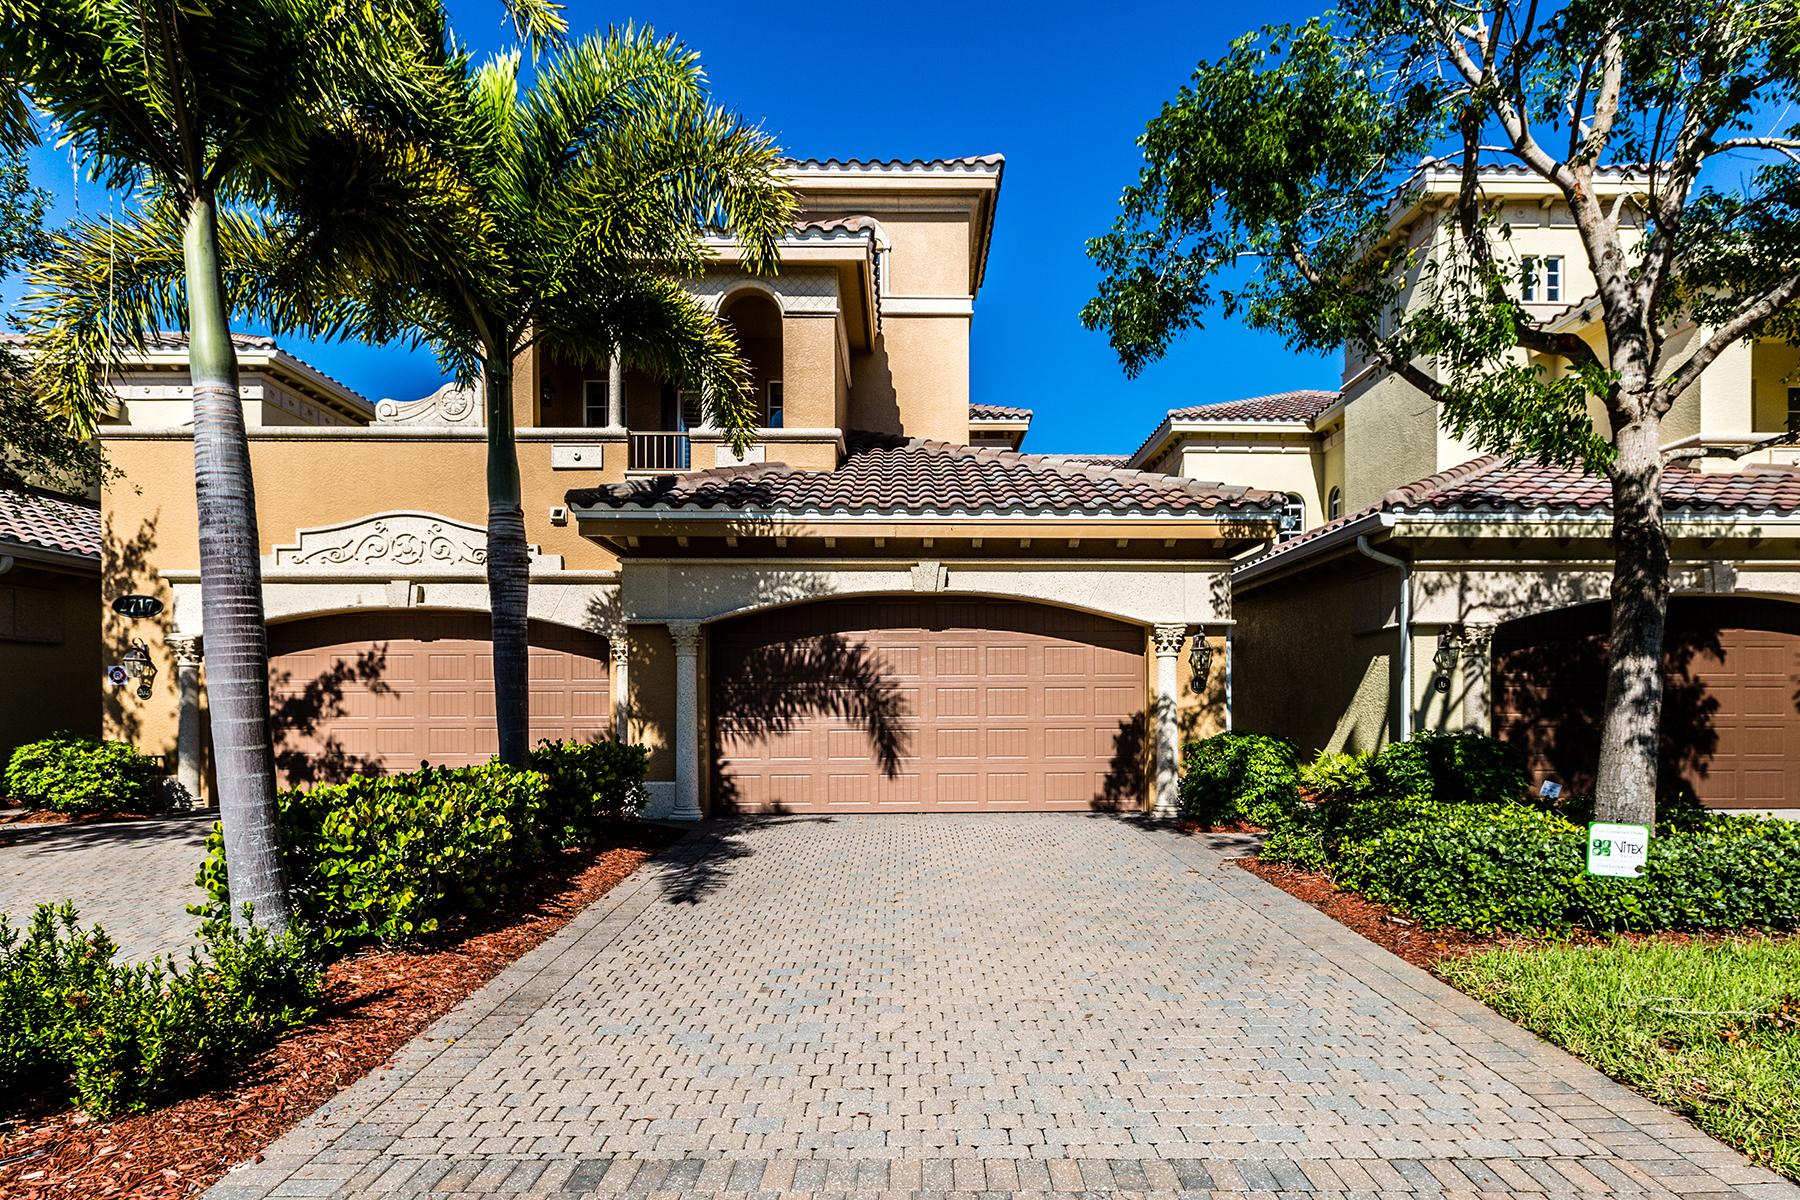 Кооперативная квартира для того Продажа на FIDDLER'S CREEK -CALLISTA 2717 Callista Ct 102 Naples, Флорида, 34114 Соединенные Штаты